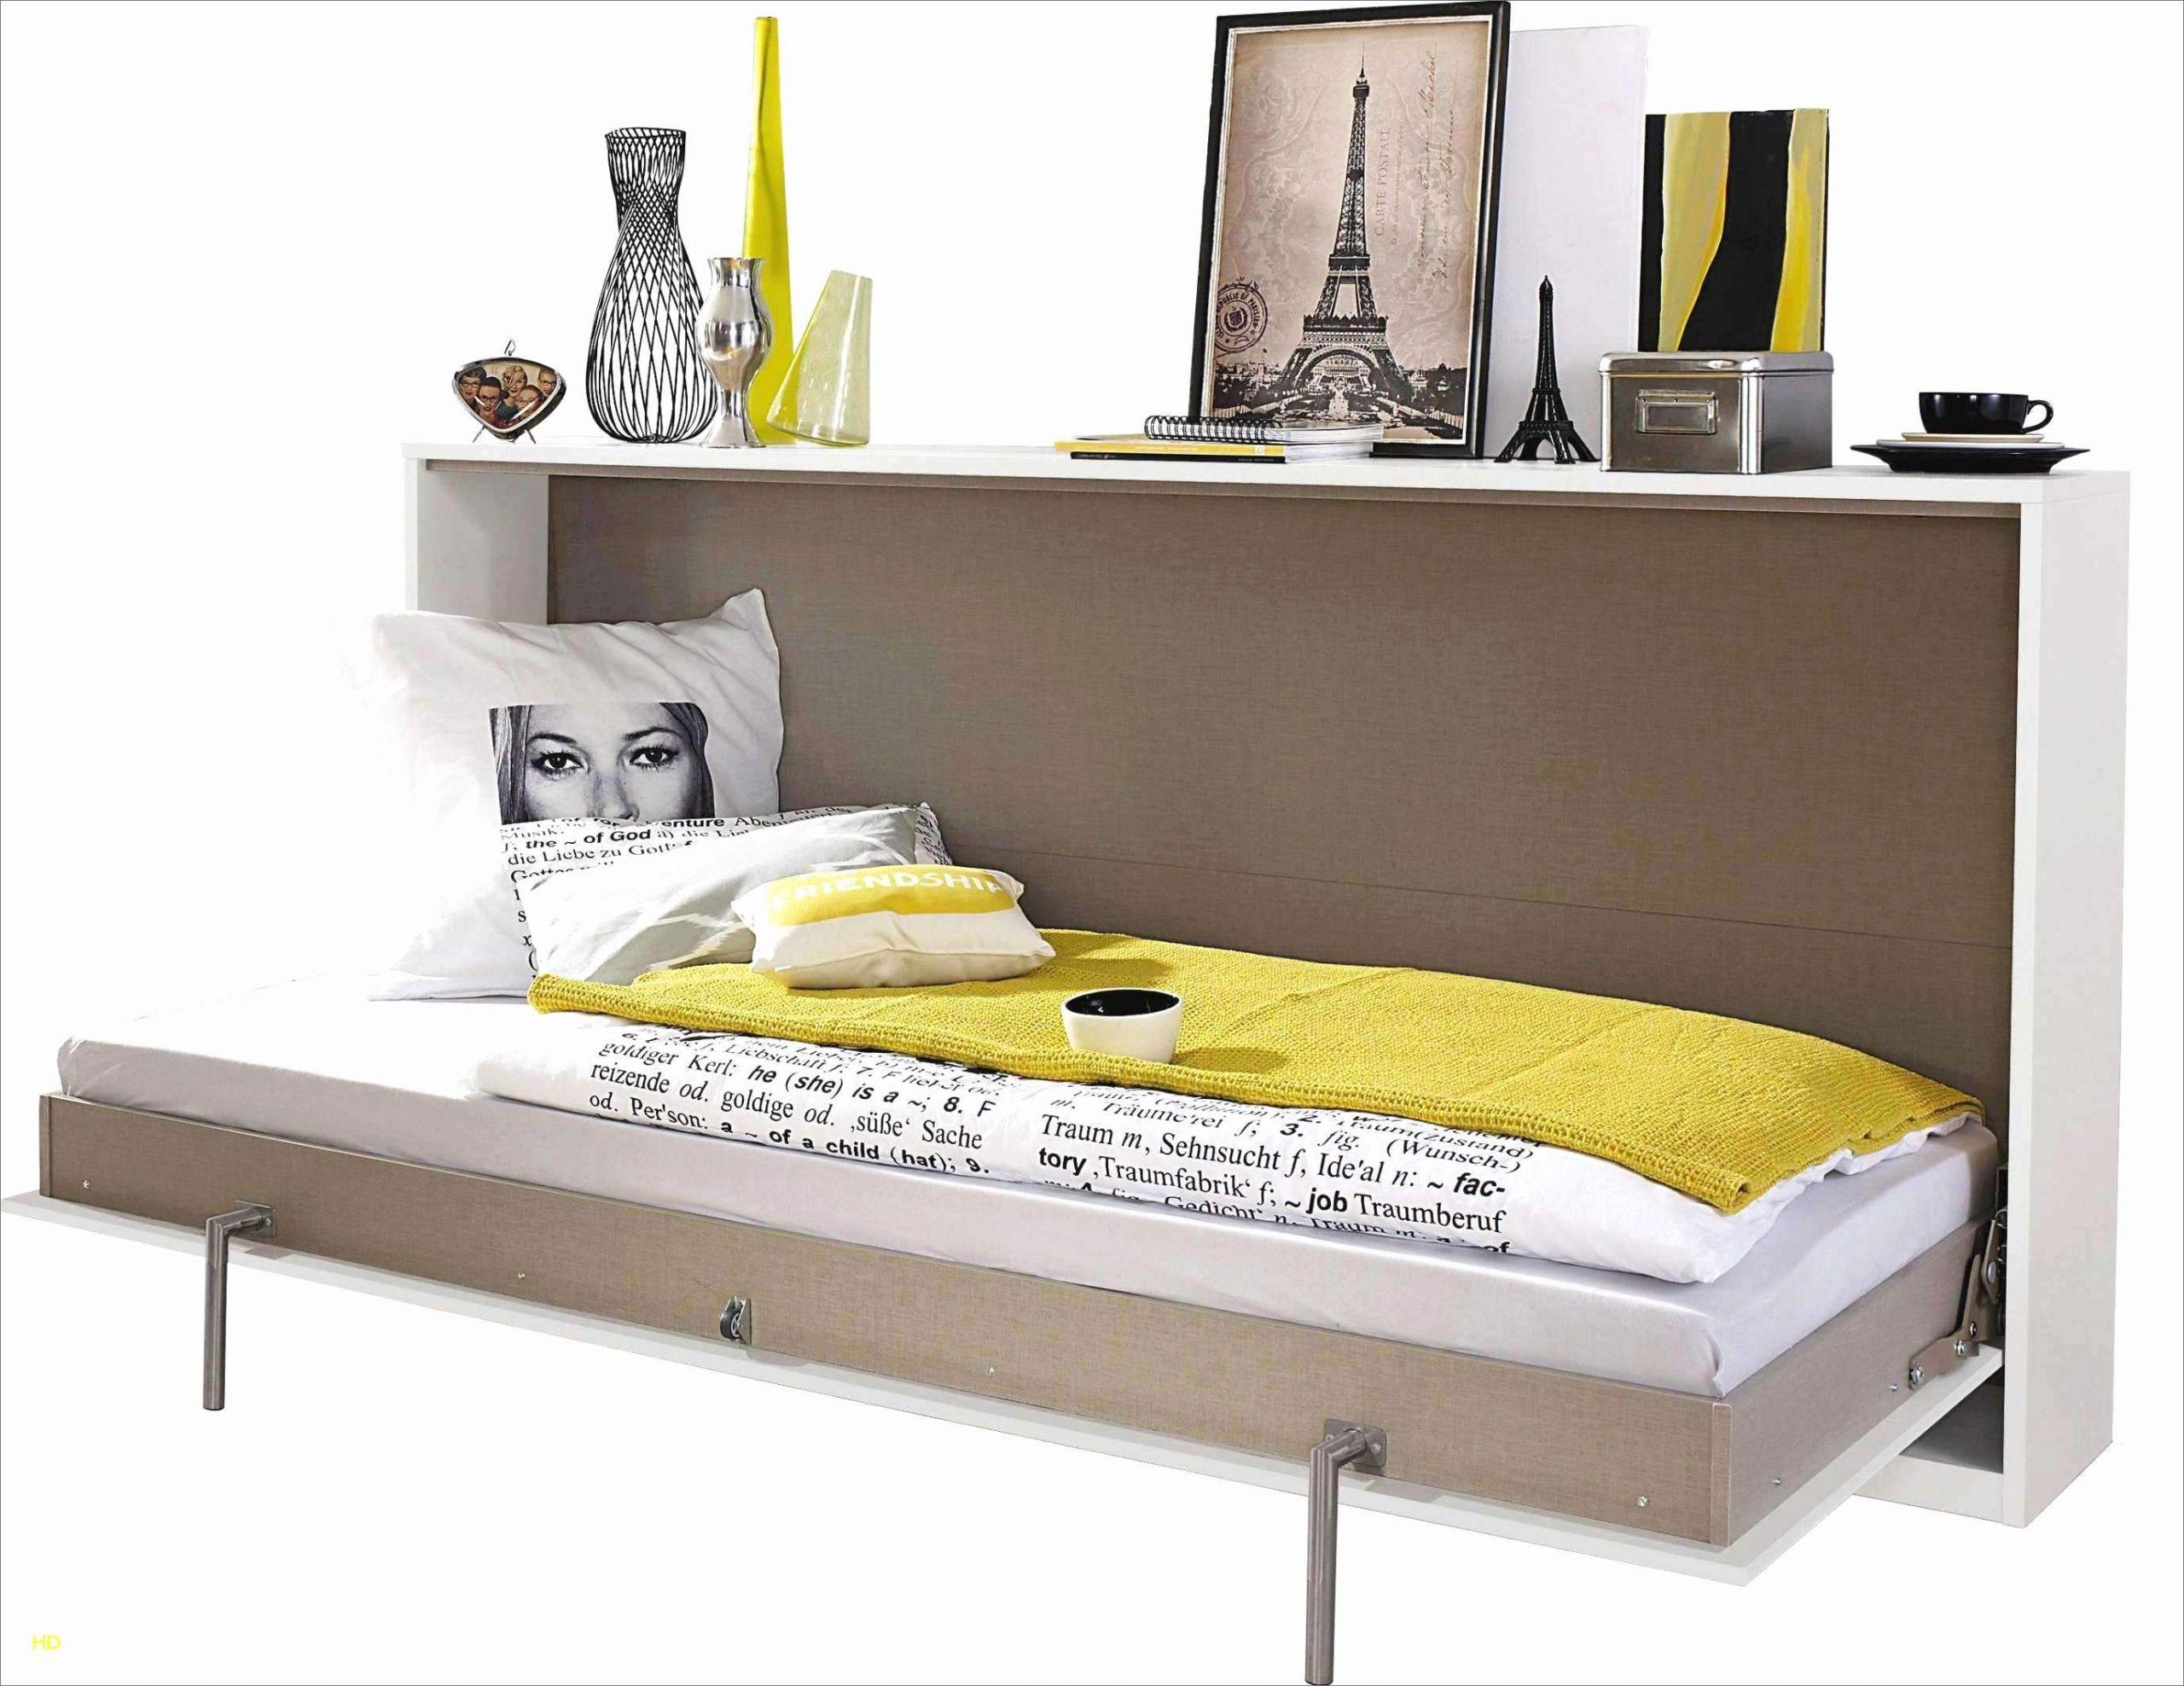 Full Size of Mobile Küche Ikea Raumtrenner Wohnzimmer Reizend 44 Frisch Trennwande Led Beleuchtung Treteimer Küchen Regal Pantryküche Mit Kühlschrank Büroküche Wohnzimmer Mobile Küche Ikea